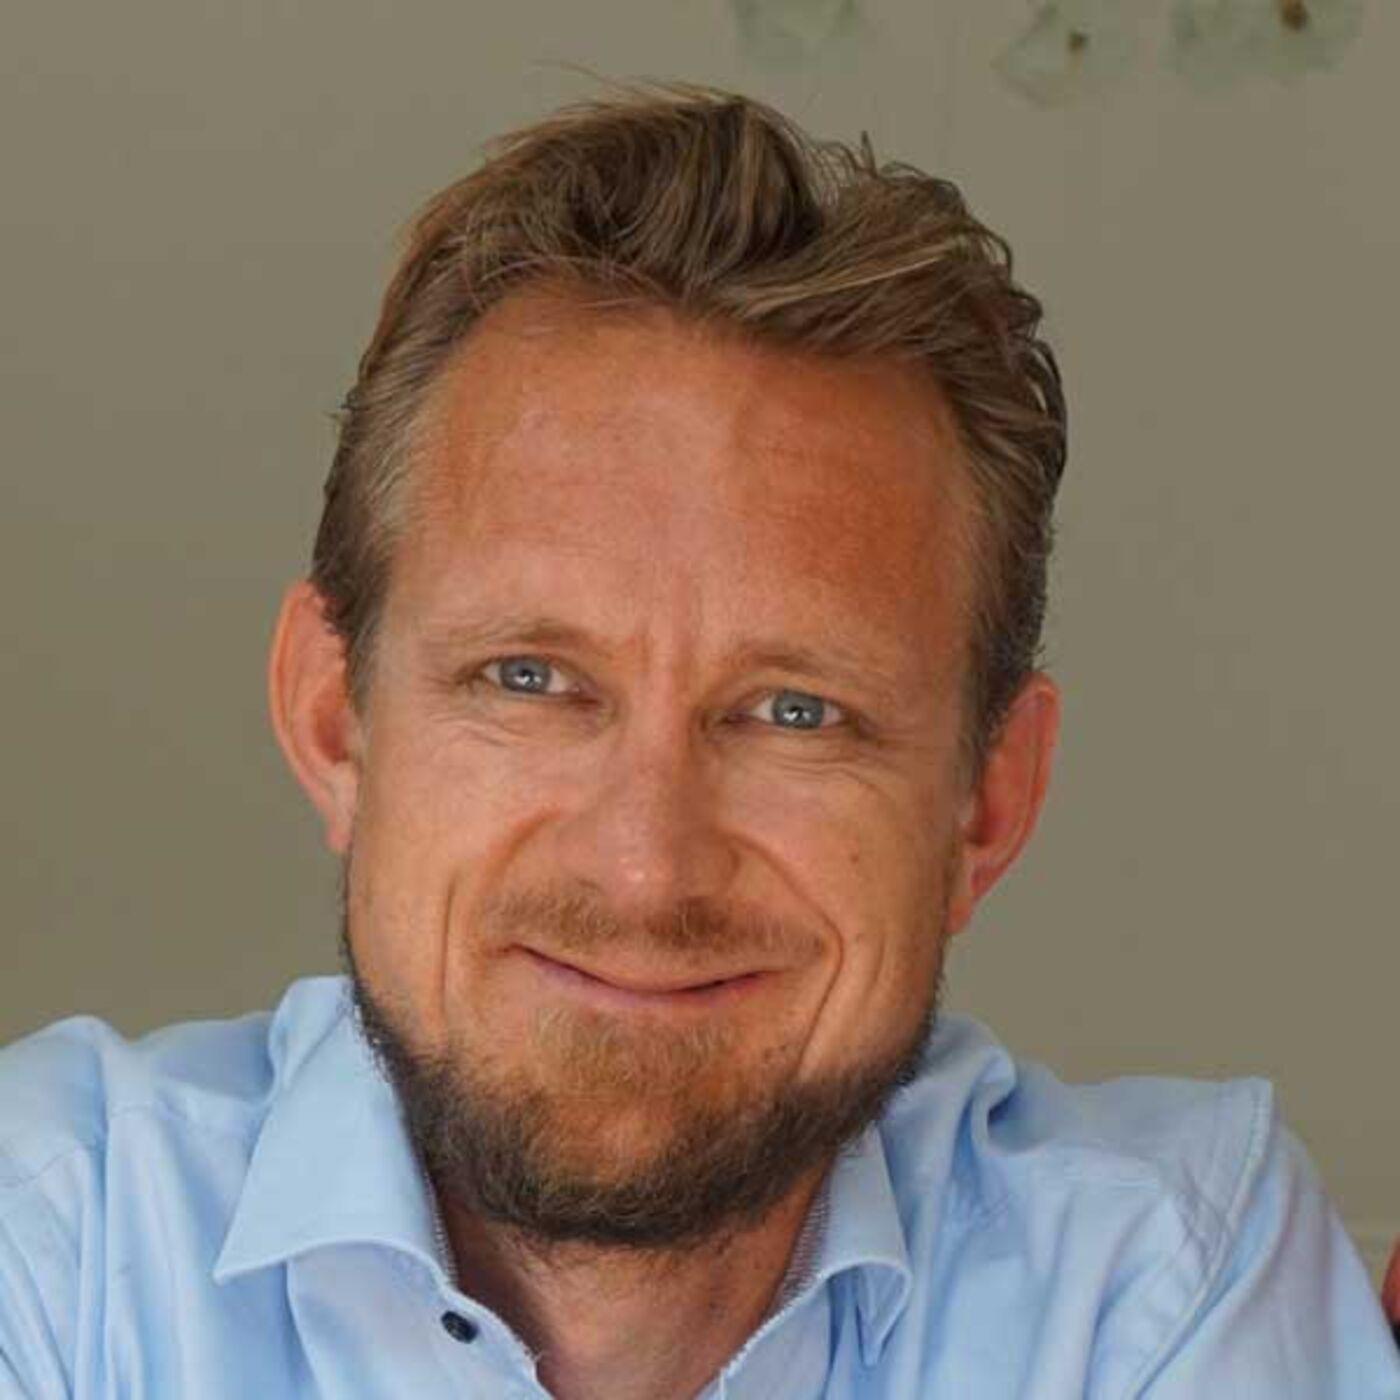 Markedsfører du på nett? Nå er nye regler, hør advokat Vebjørn Søndersrød.